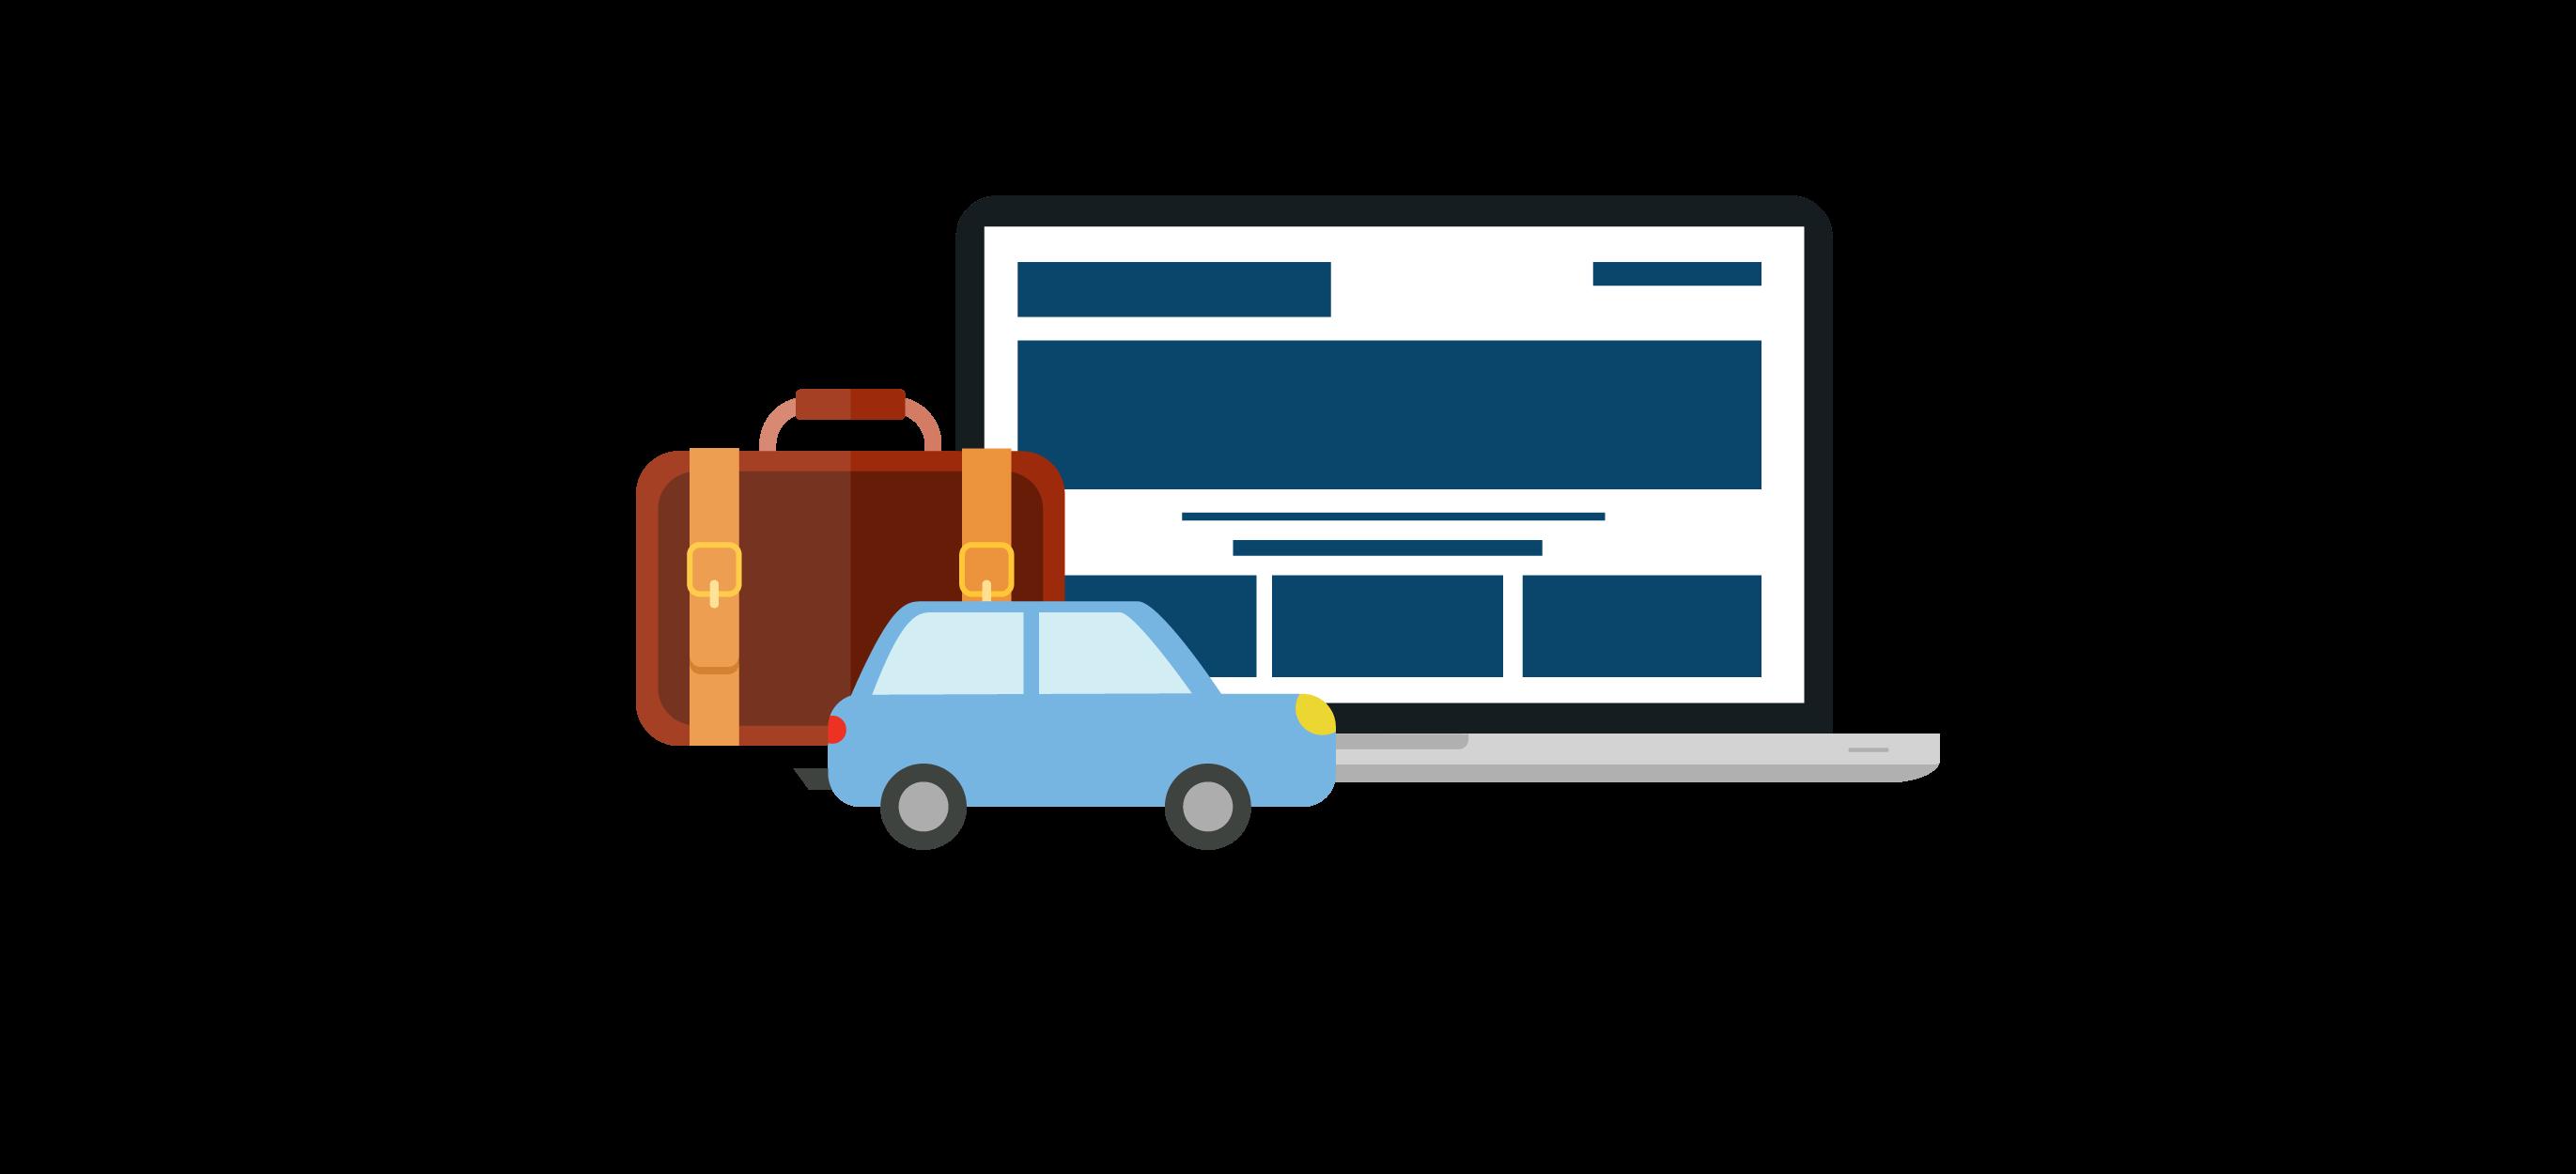 imagem ilustrativa de um carro com mala de viagem a representar uma reserva em Hotelaria e Rent-a-car no sistema de reservas